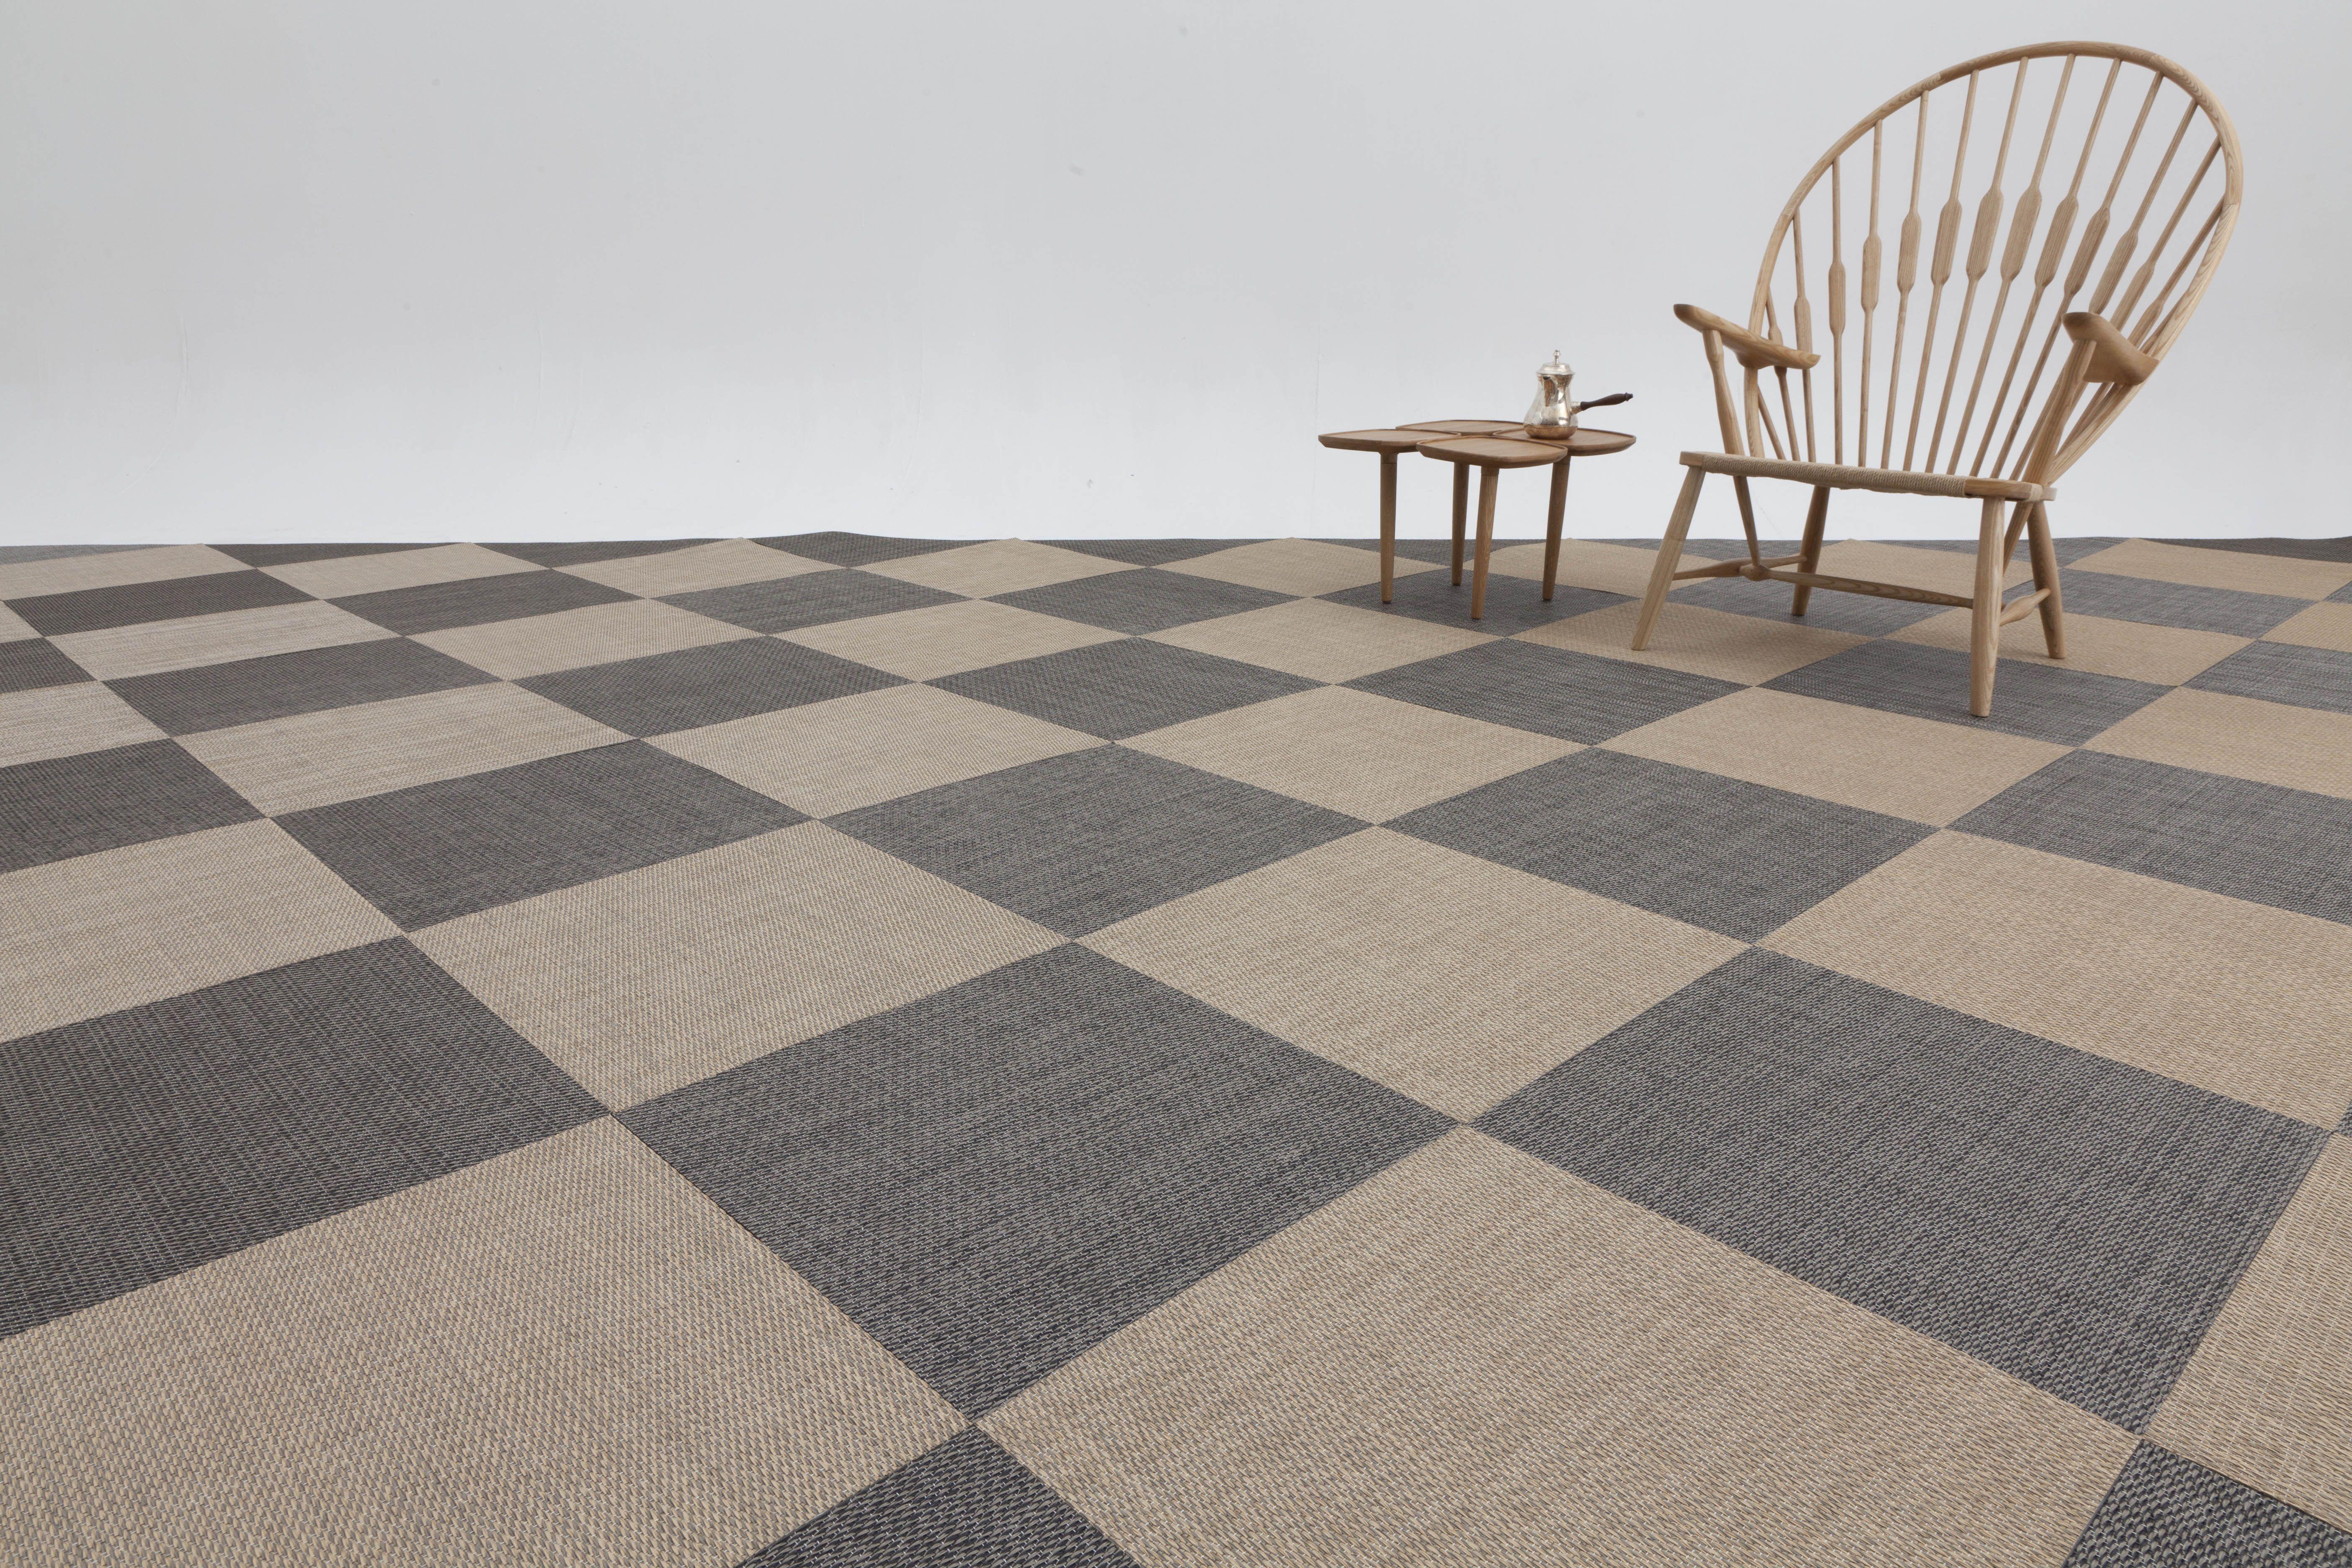 Alfombras de vinilo keplan alfombras de vinilo keplan pinterest col n suelos y textiles - Ikea textiles y alfombras ...